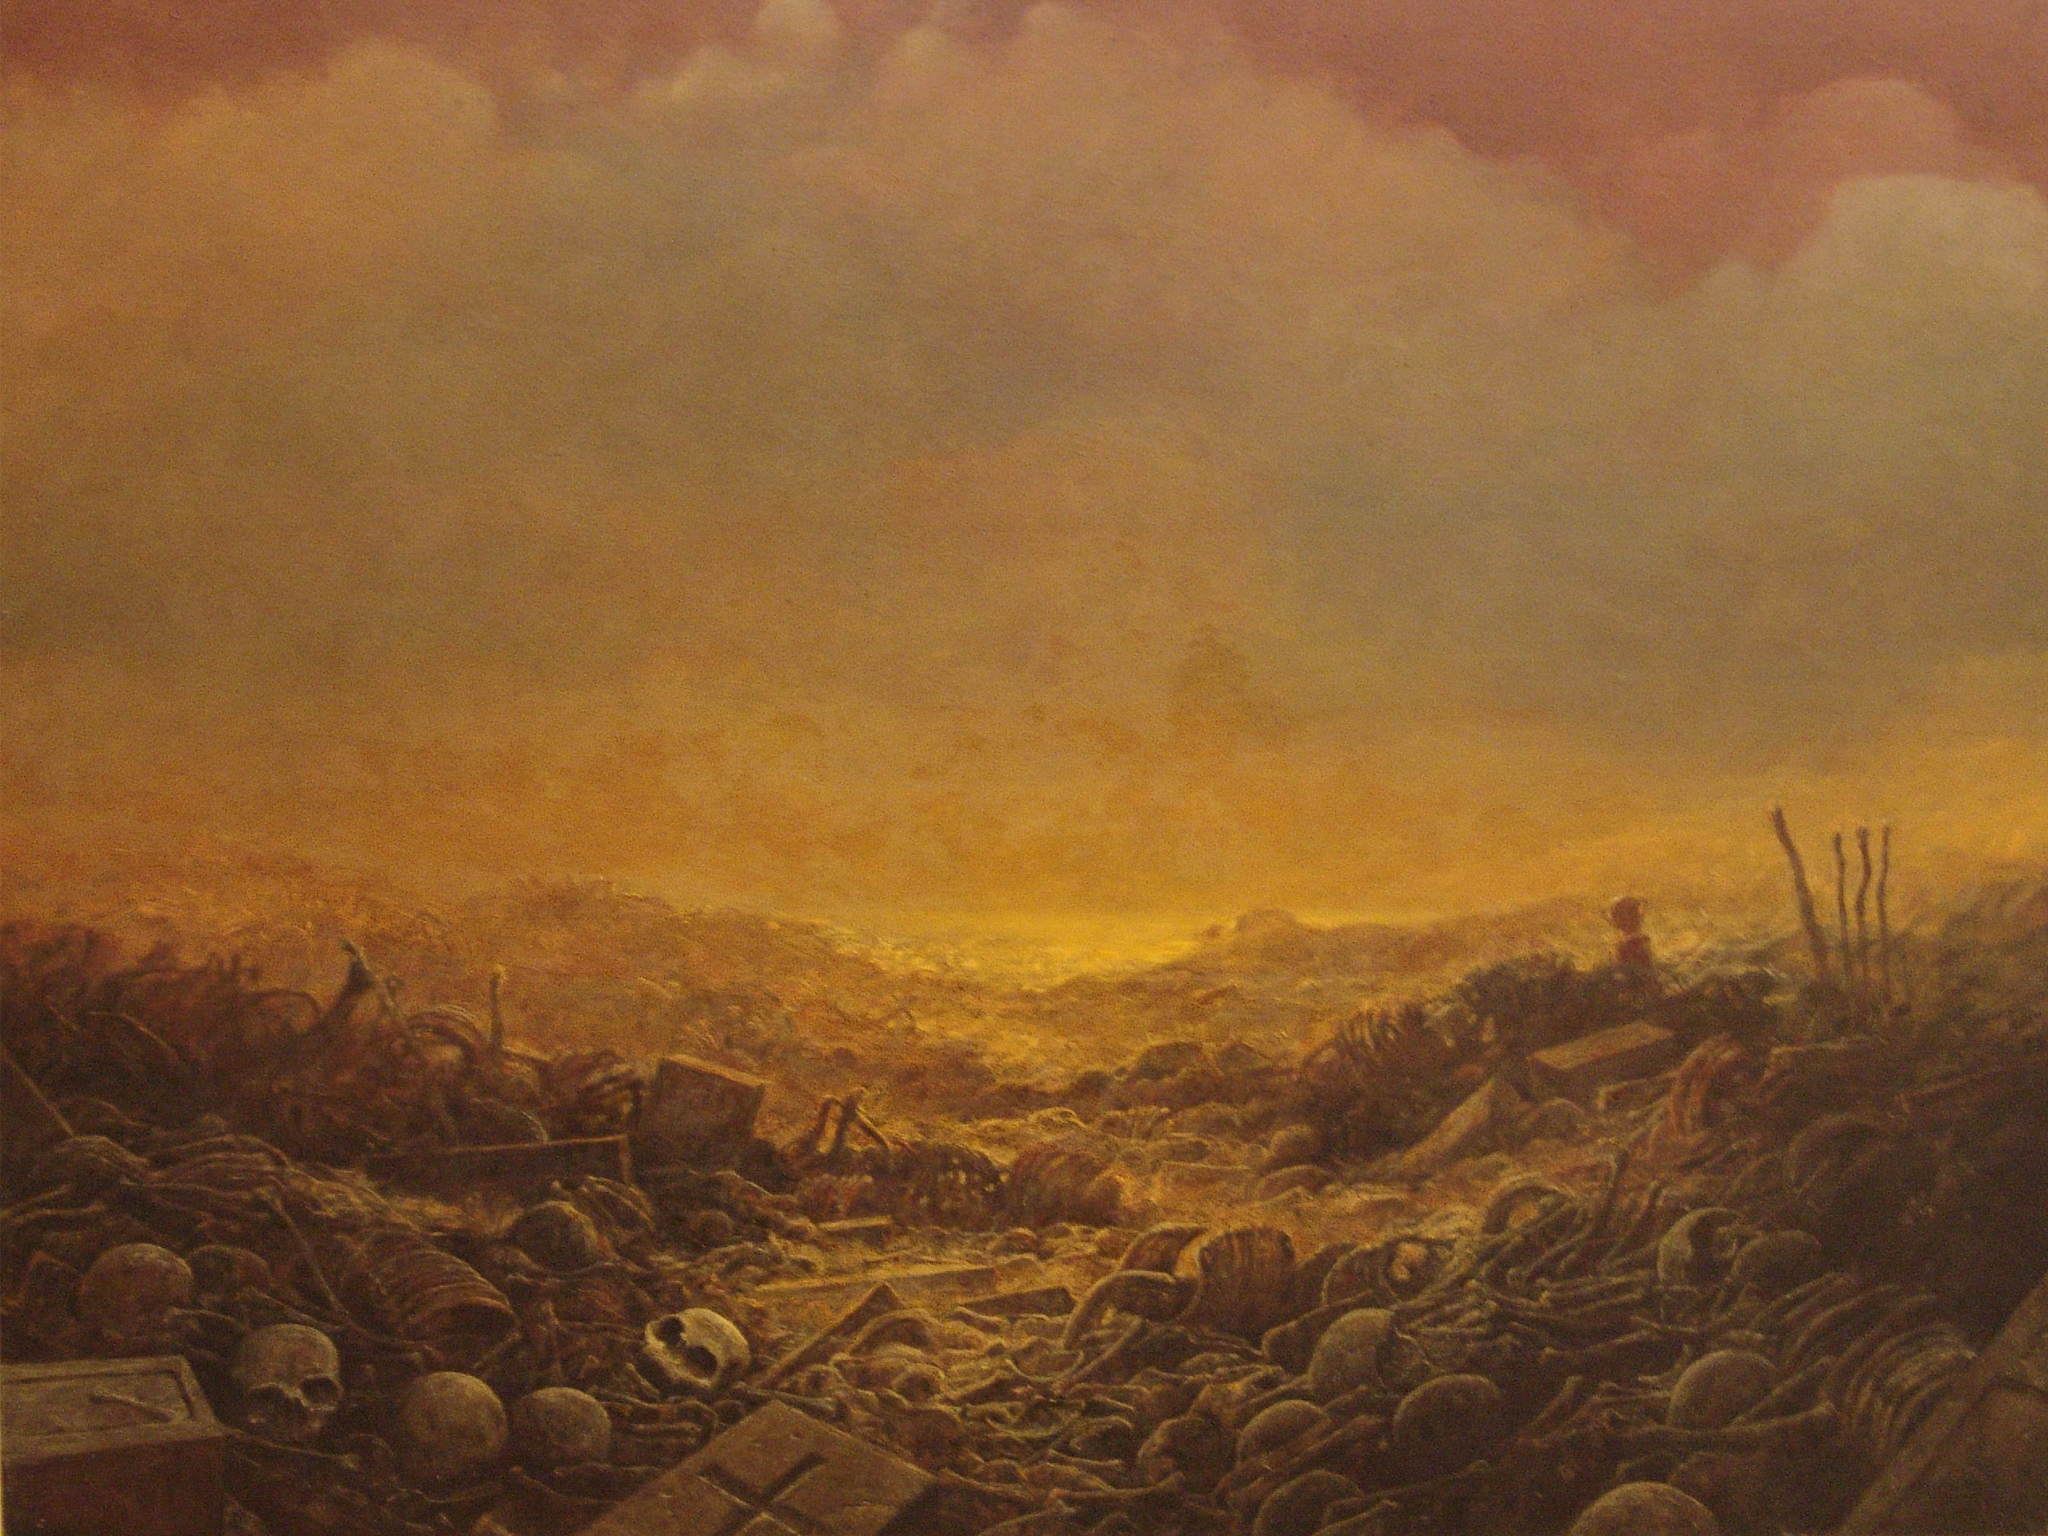 El arte gótico y oscuro de Zdzislaw Beksinski Zdzislaw_Beksinski_73_2048x1536